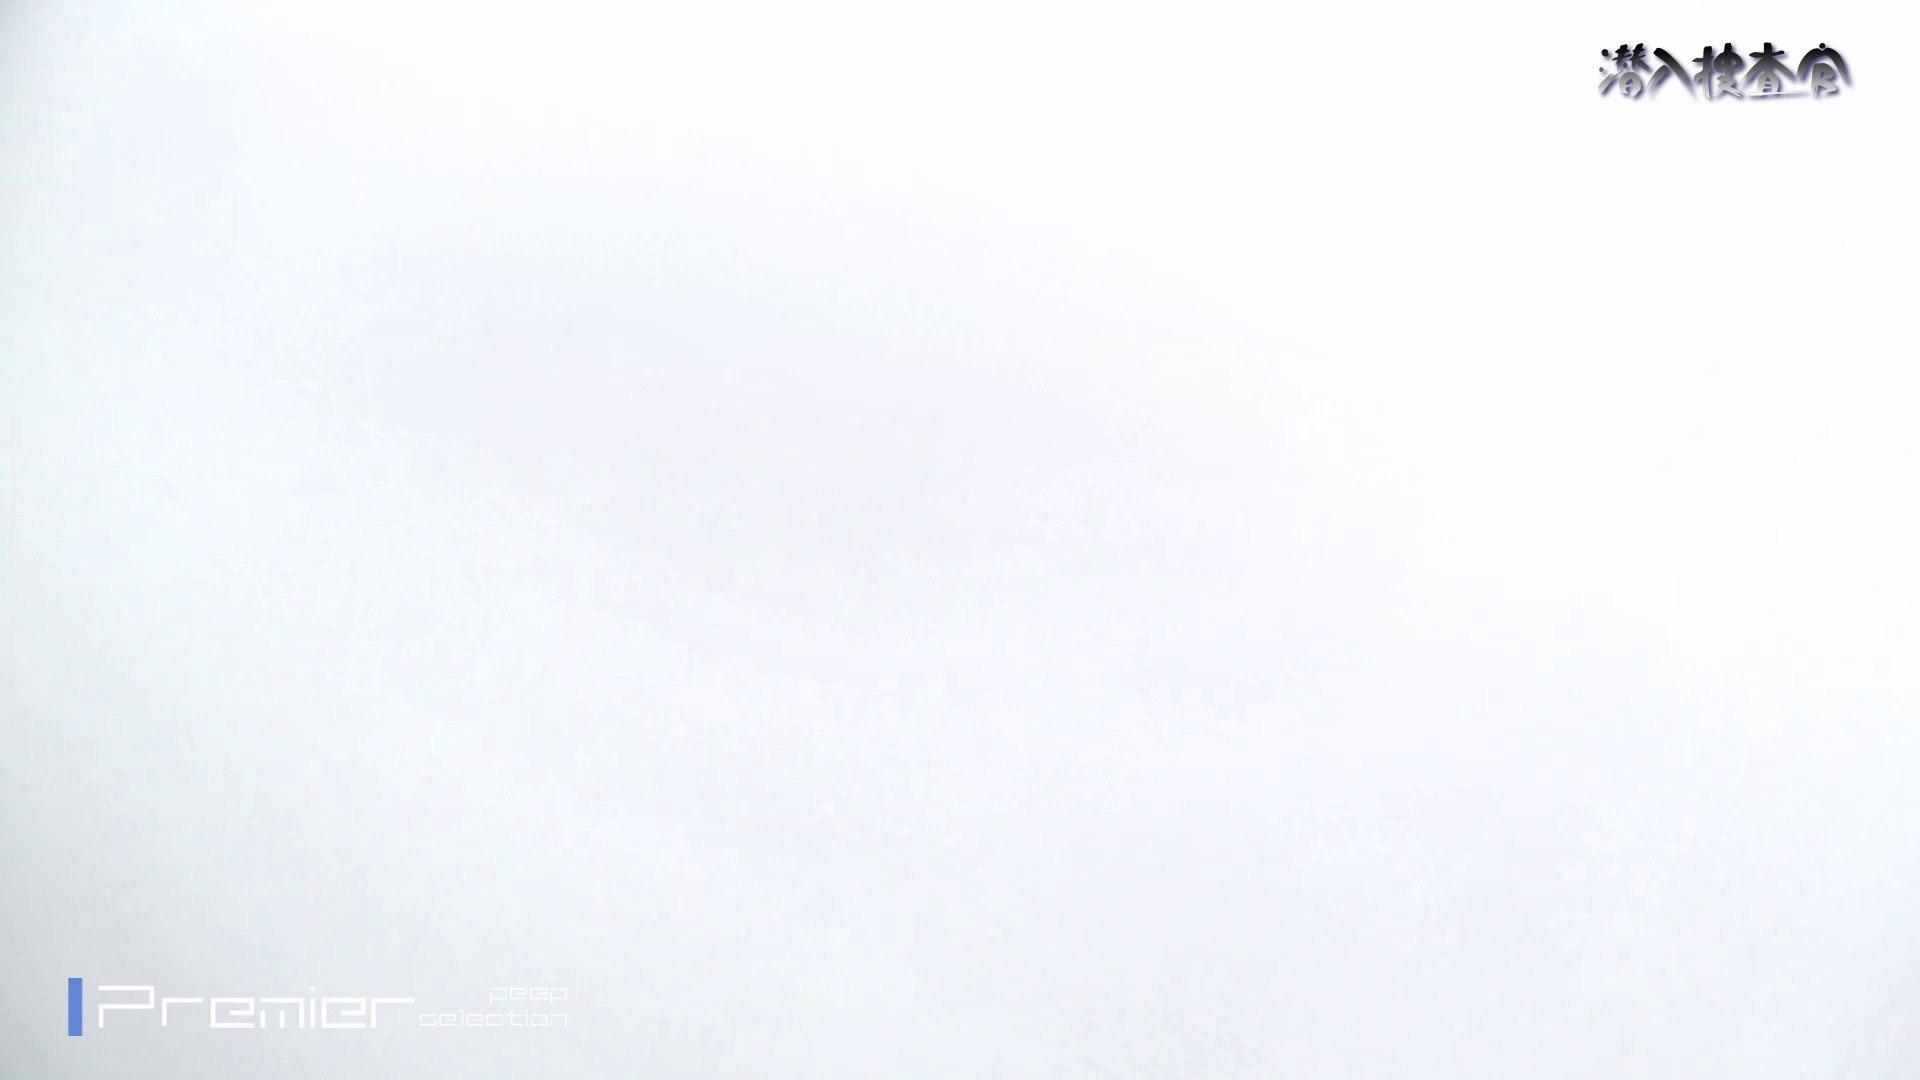 下からノゾム vol.041 携帯に夢中、後ろに居るカメラはやりたい放題! 盗撮大放出 SEX無修正画像 79連発 19